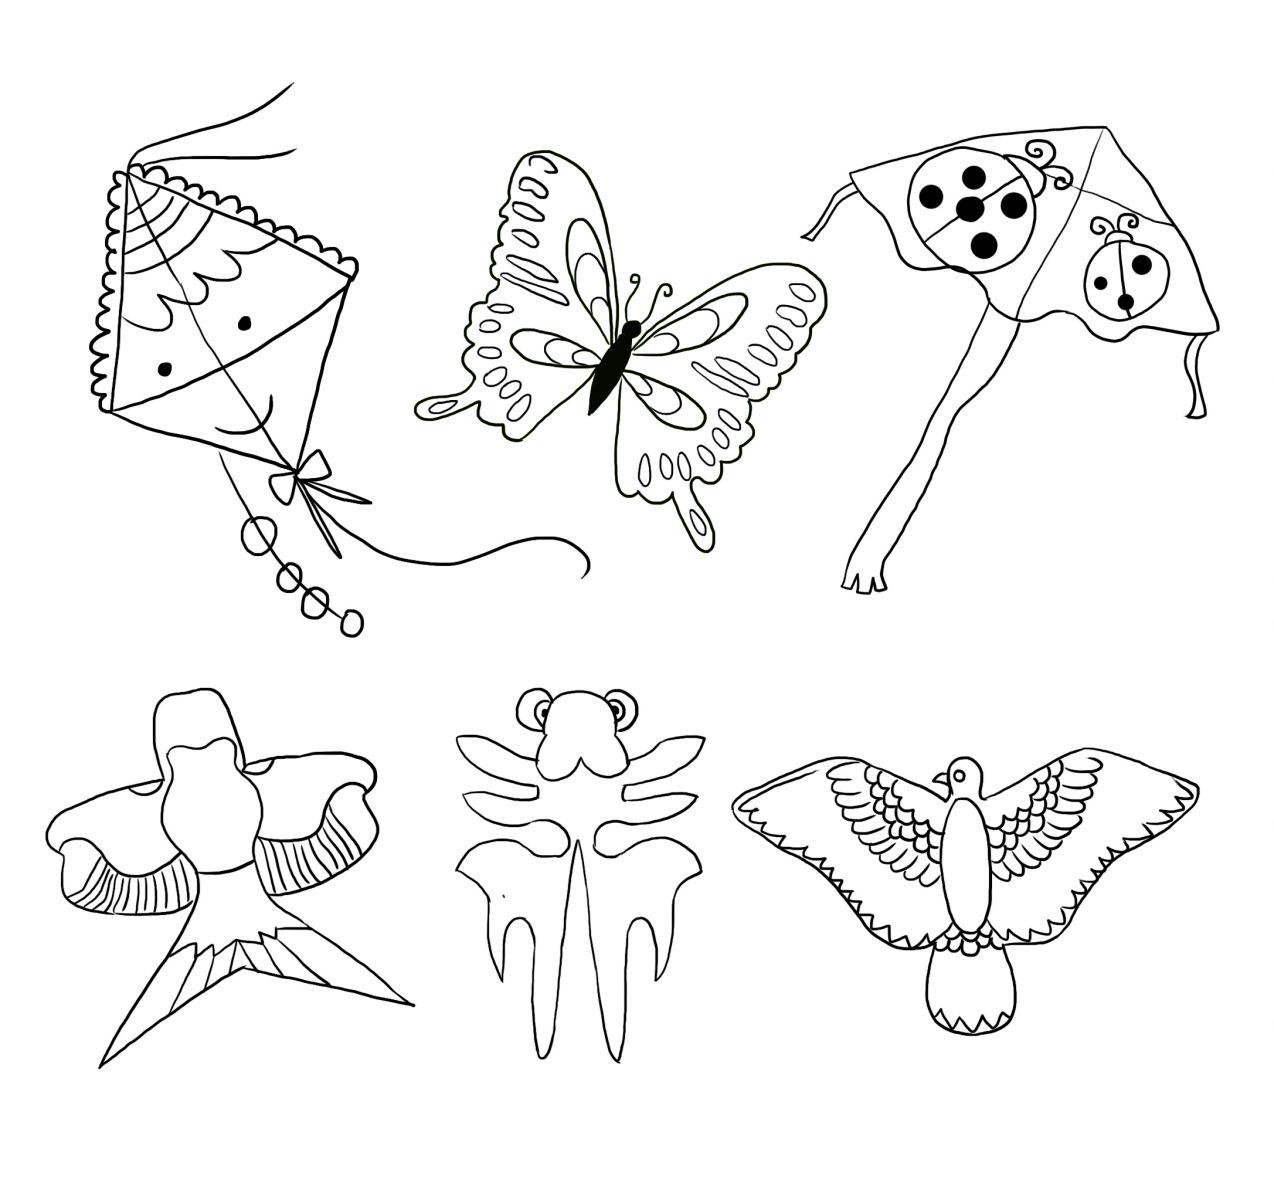 海洋动物简笔画大全,海洋生物简笔画图片, 苗苗简笔画网提供了海洋动物简笔画大全,海洋生物简笔画图片供你临摹。. 十二生肖简笔画_幼儿十二生肖图简笔画图片, 十二生肖简笔画网为你提供了精彩素材,12生肖简笔画教程备课实例,十二生肖图片猪涂色卡,中国十二生肖简笔画作品欣赏,十二生肖涂色卡图片老虎,感谢您关注本站。.